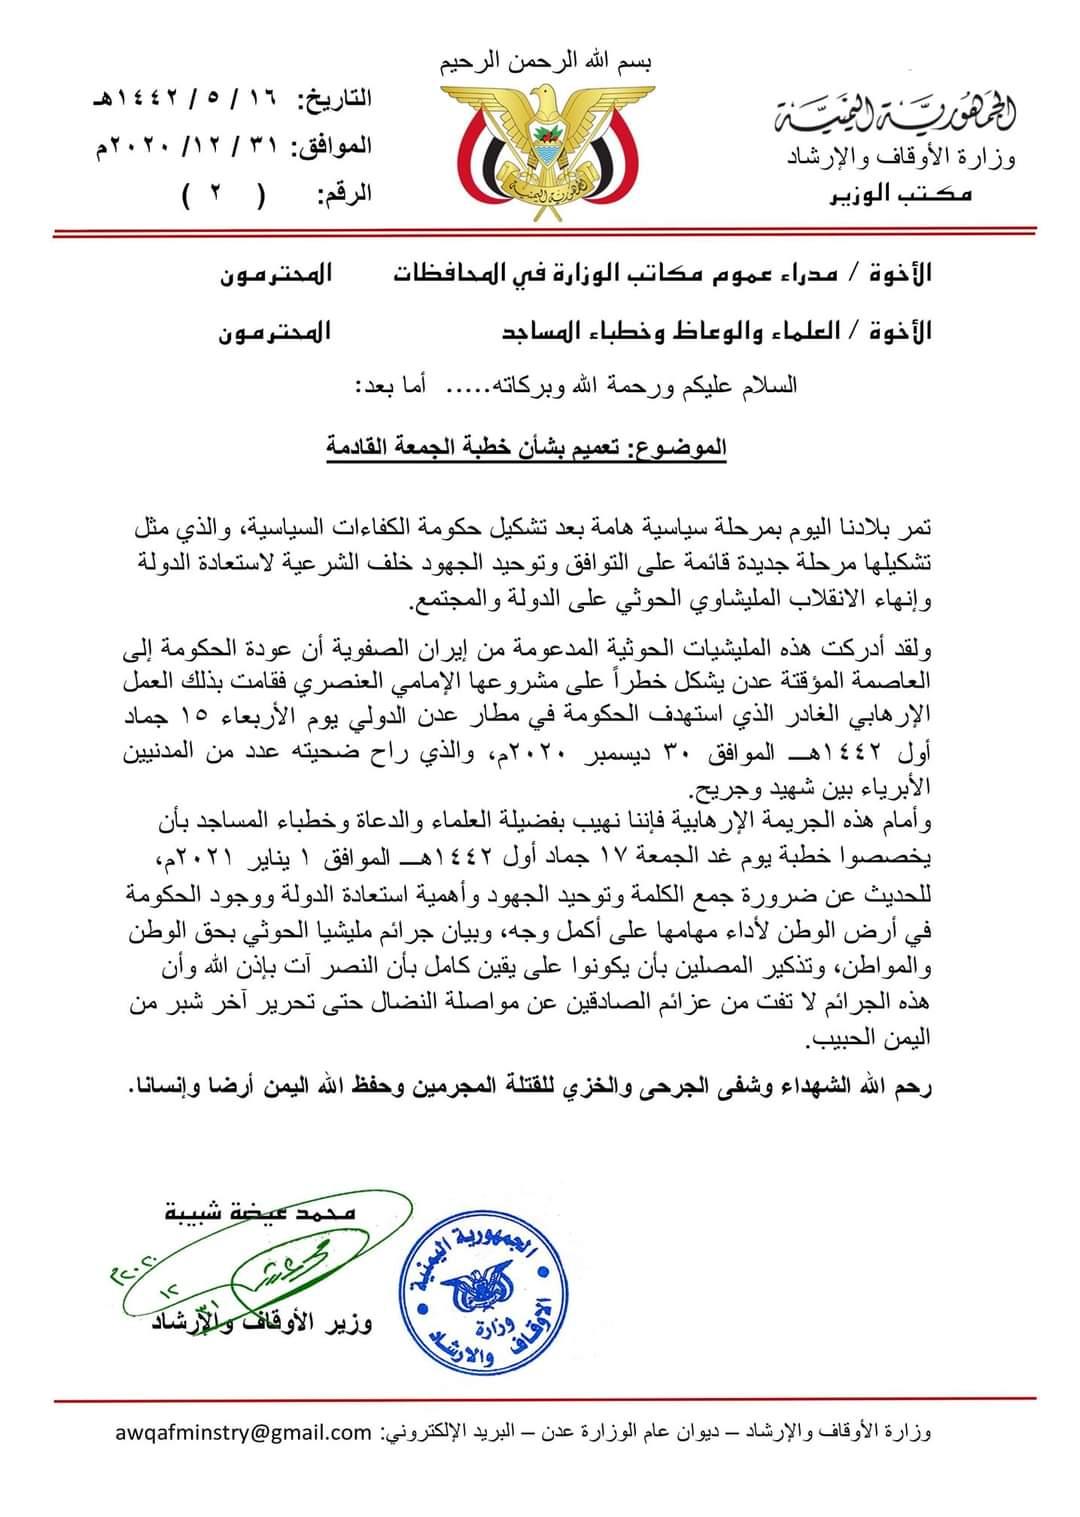 هيئة علماء اليمن توجه دعوة هامة للحكومة وتصدر هذا البيان!